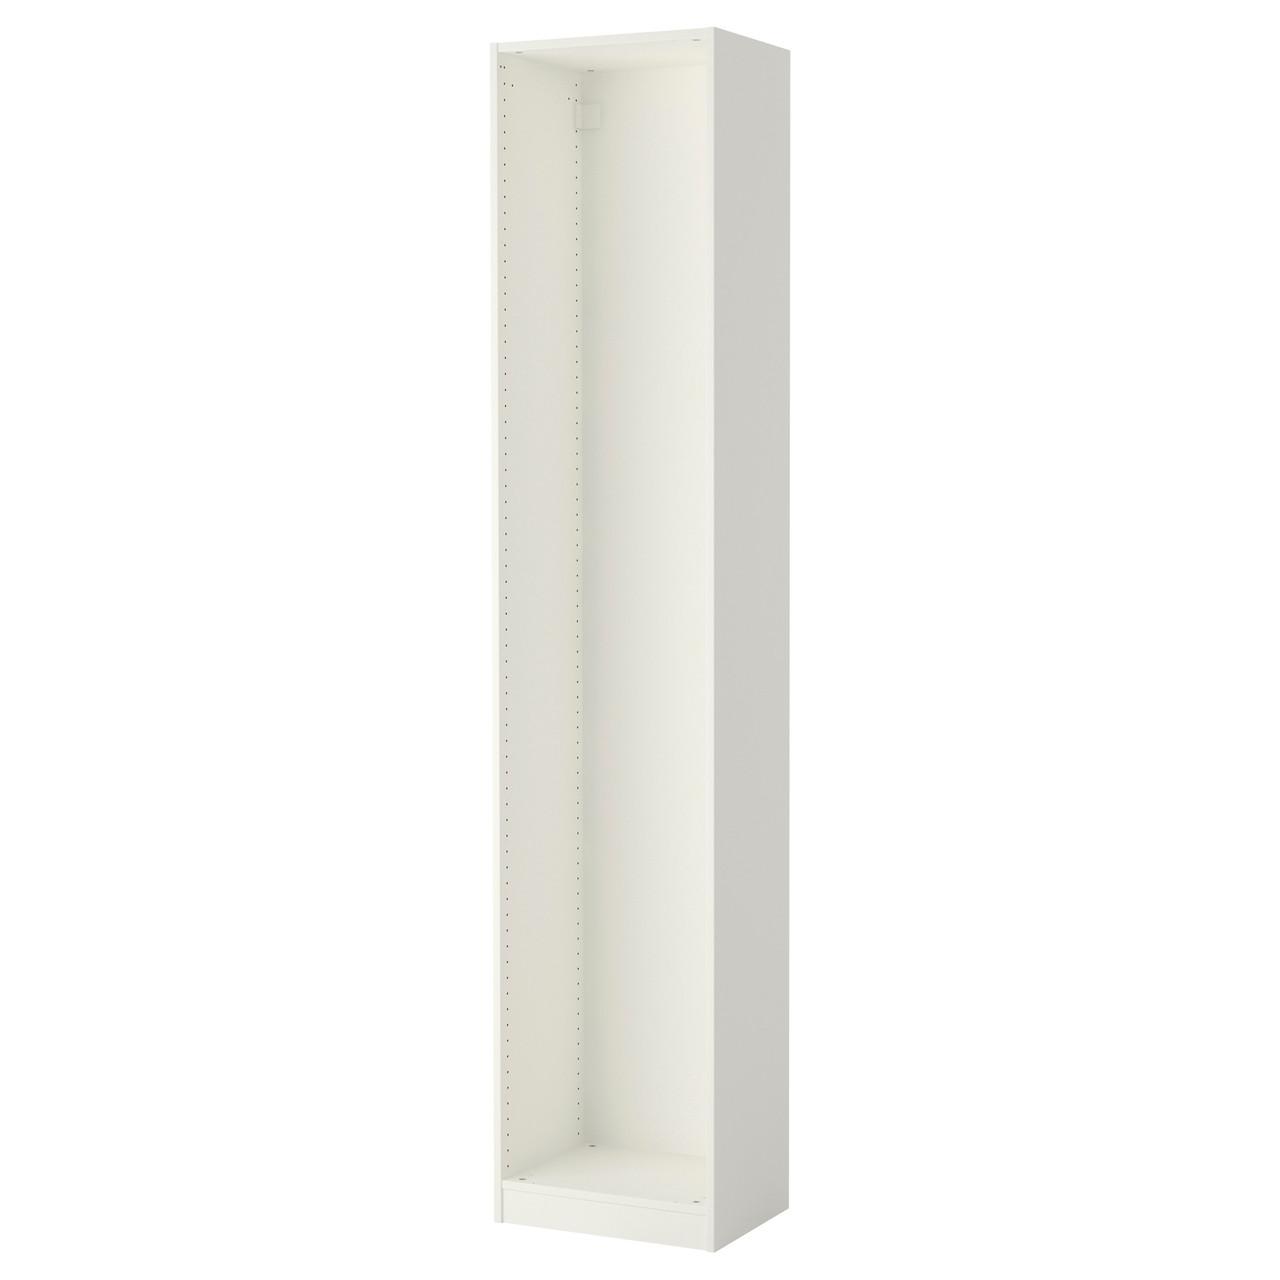 PAX Корпус шкафа, белый 402.145.65